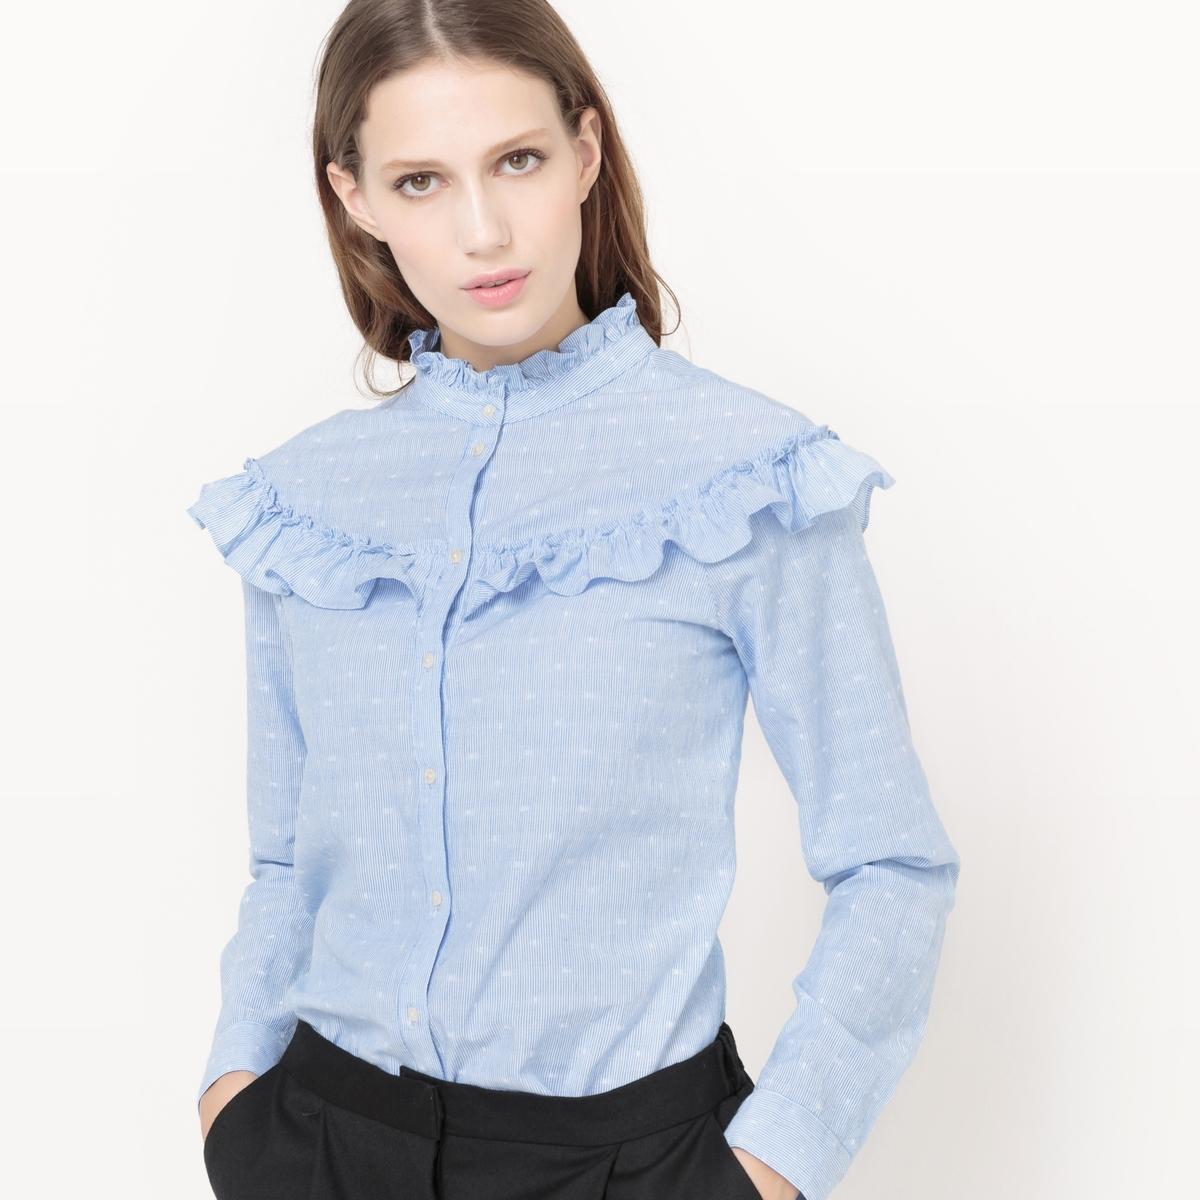 Рубашка VIDOTTA FLOUNCE SHIRTСостав и описание :Материал : 80% хлопка, 20% полиэстераМарка : VILA.<br><br>Цвет: небесно-голубой<br>Размер: XS